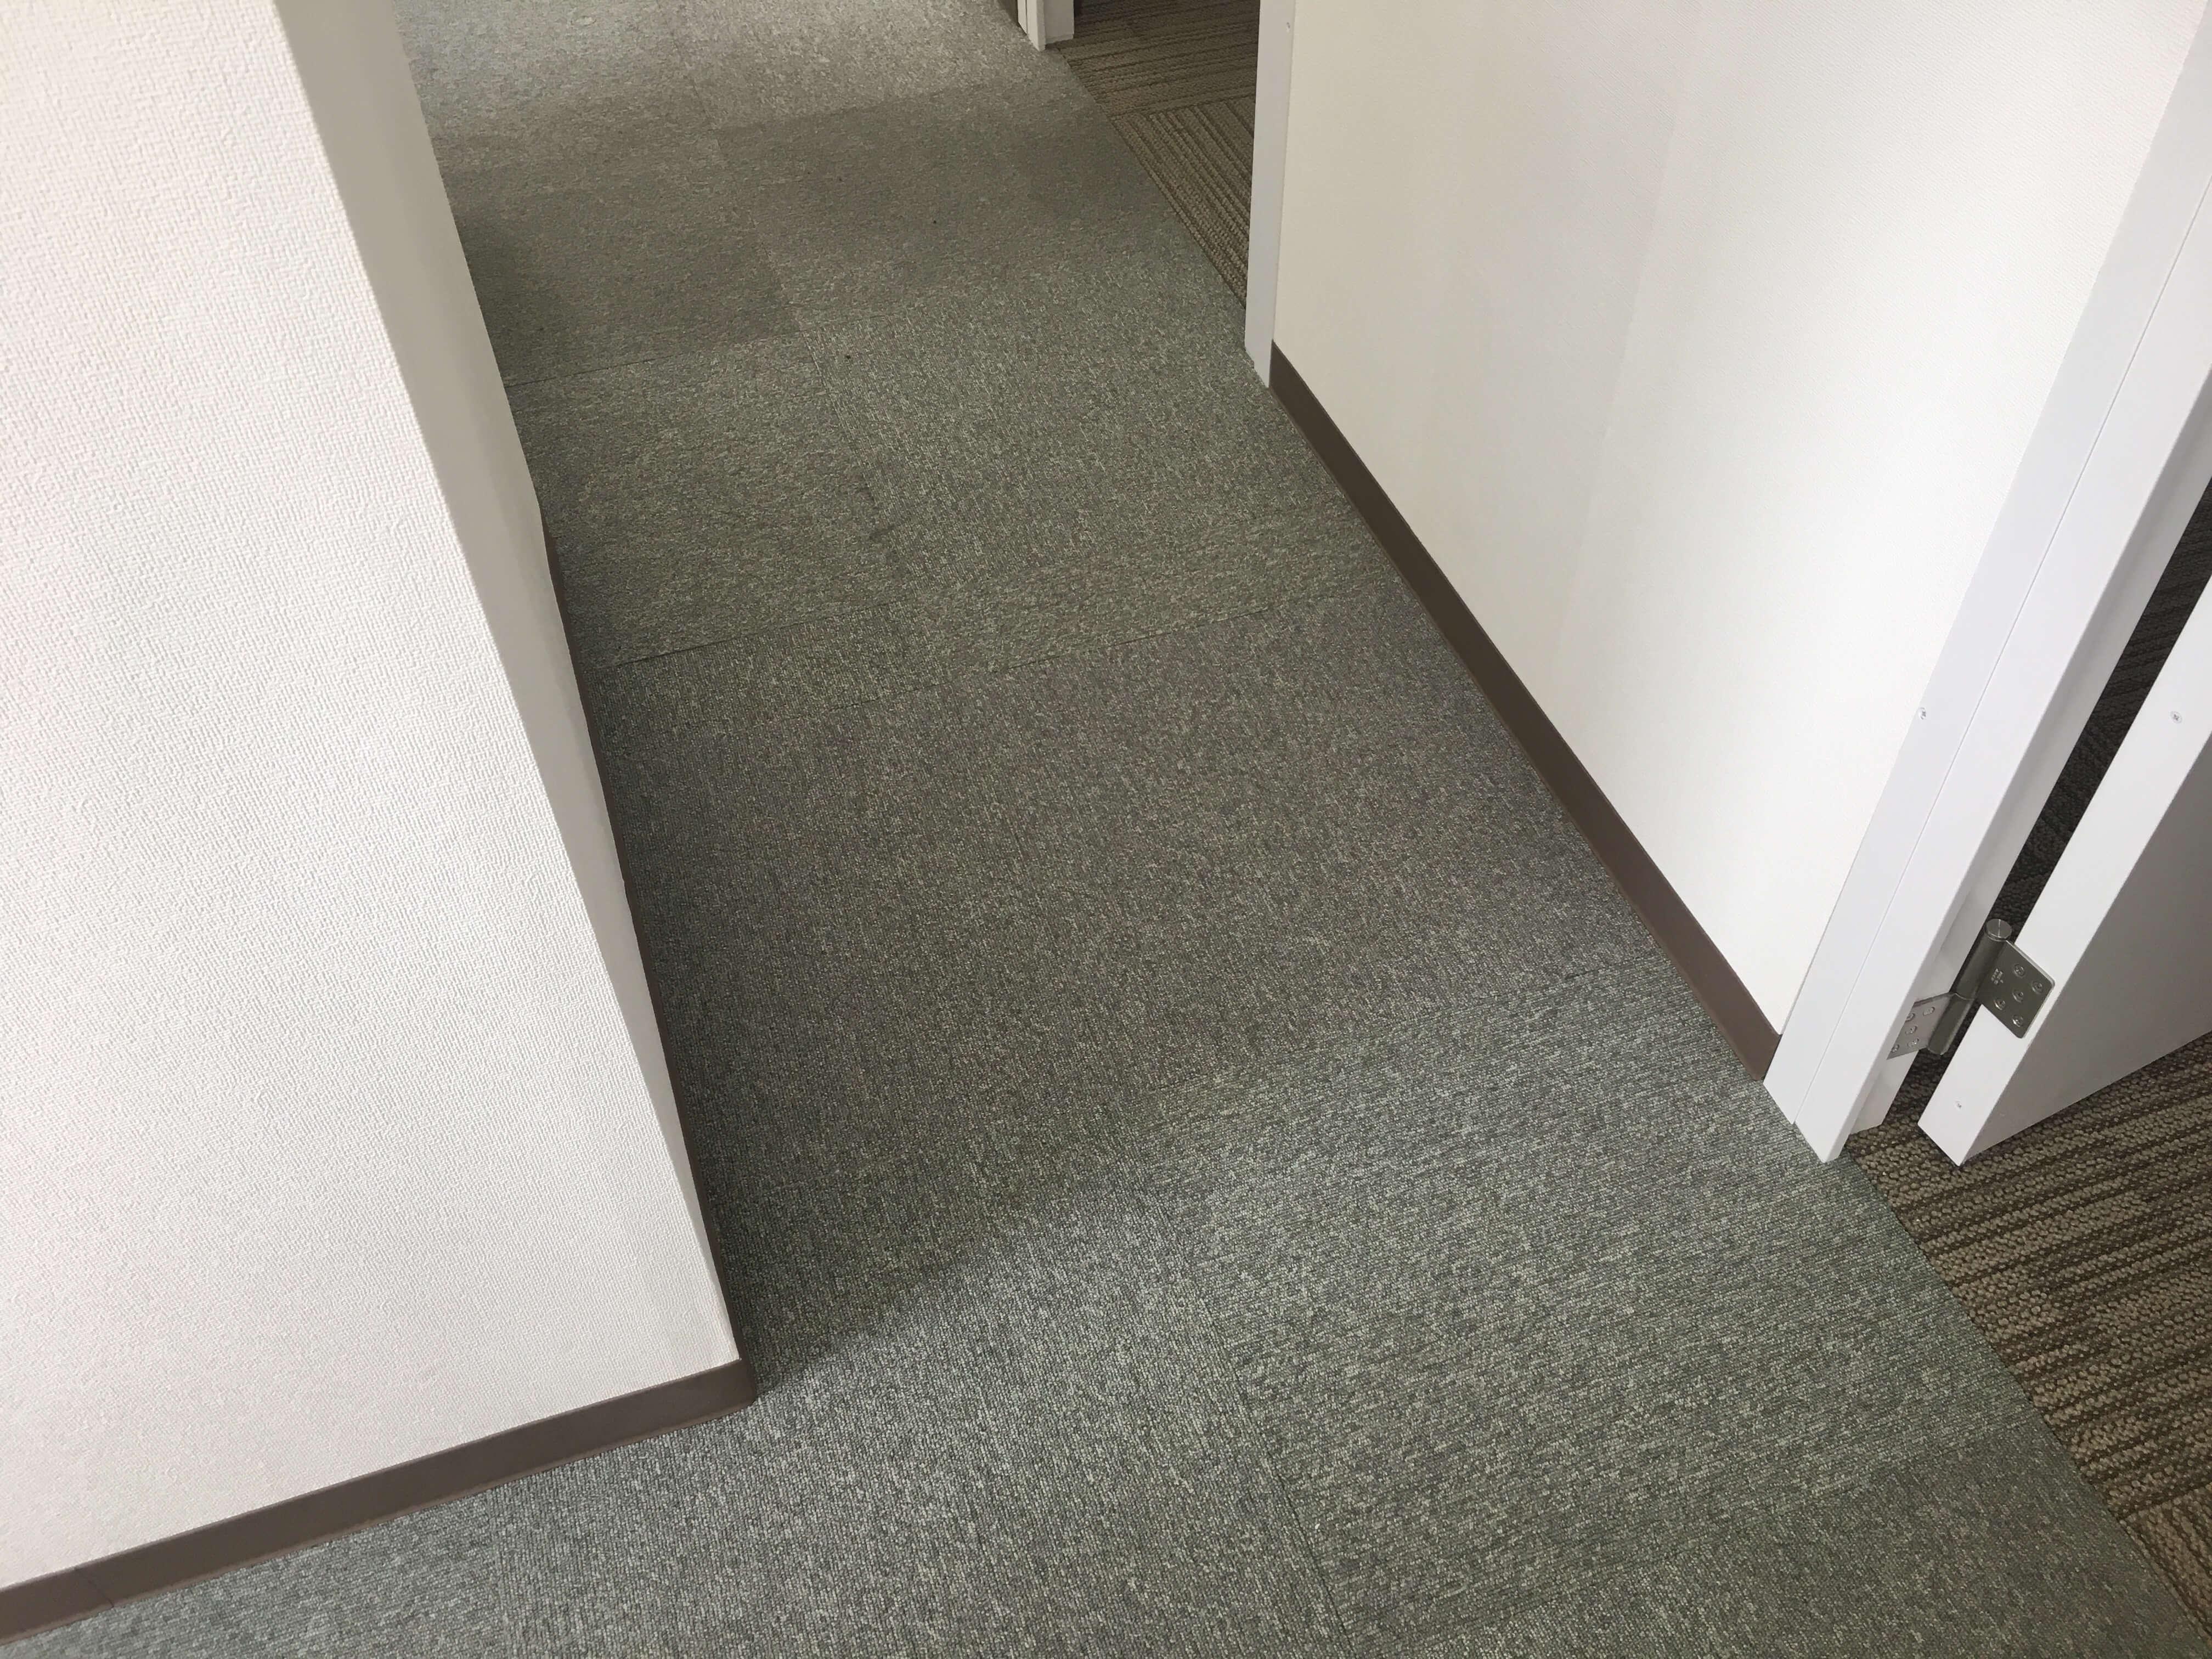 床(OAフロア+タイルカーペット)、巾木も施工